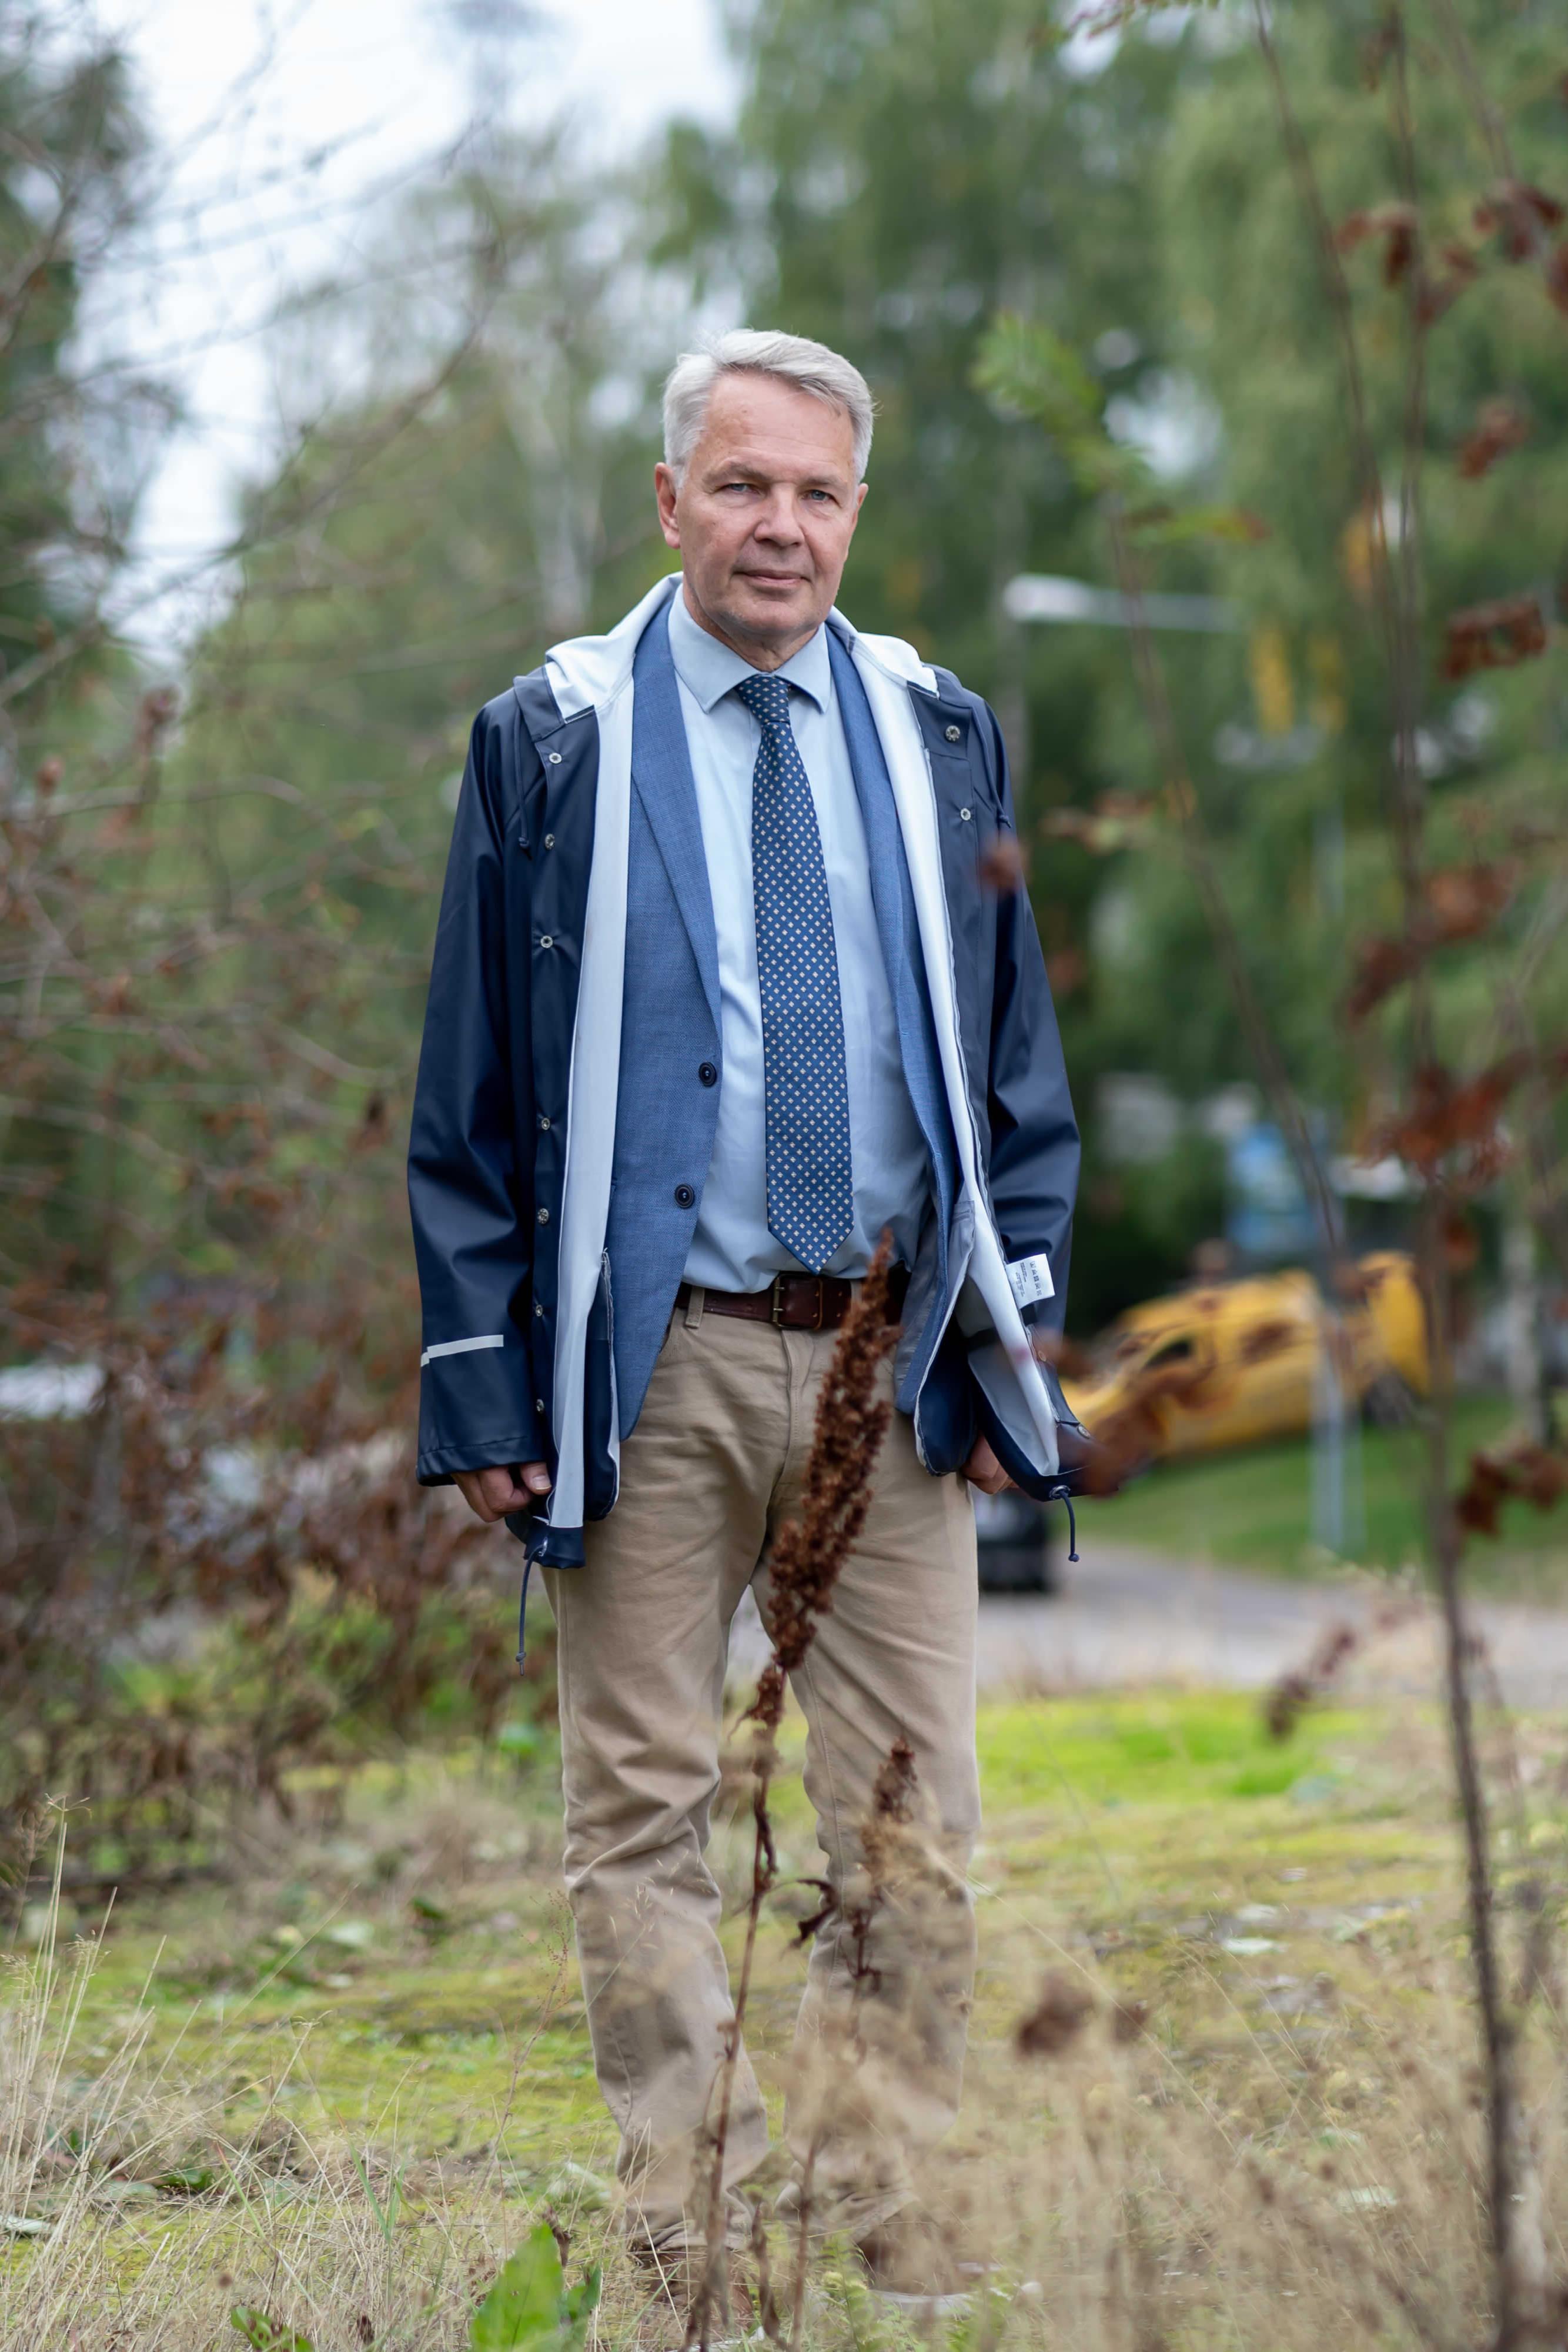 Poliitikko, Vihreän liiton kansanedustaja ja Suomen ulkoministeri Pekka Haavisto kuvattuna kotimaisemissaan Kulosaaressa, Helsinki, 28.8.2021.